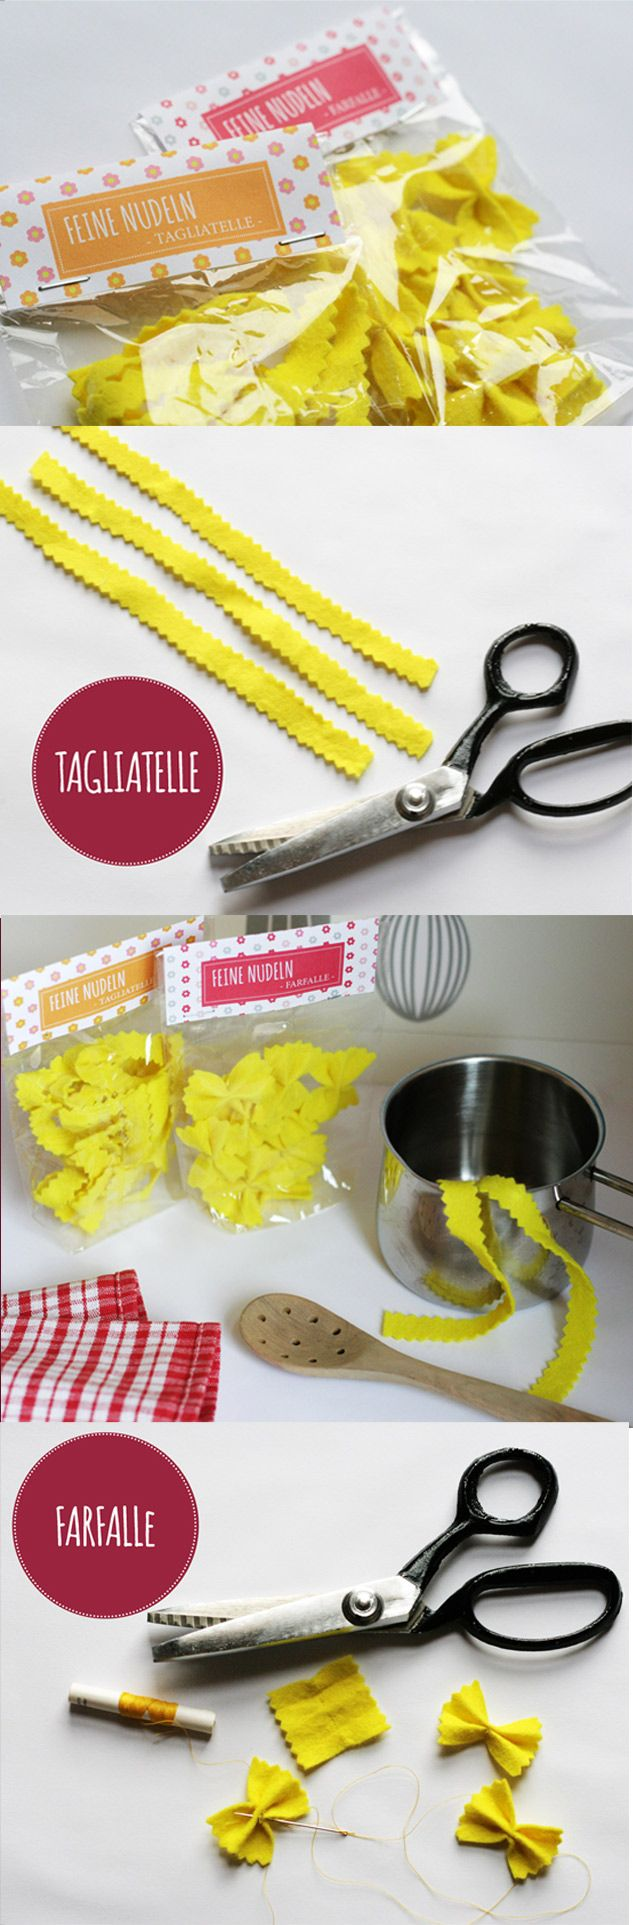 Limmaland DIY:  Nudeln / Pasta für Kinderküche und Kaufladen selber machen.  Freebie for Pasta boxes.